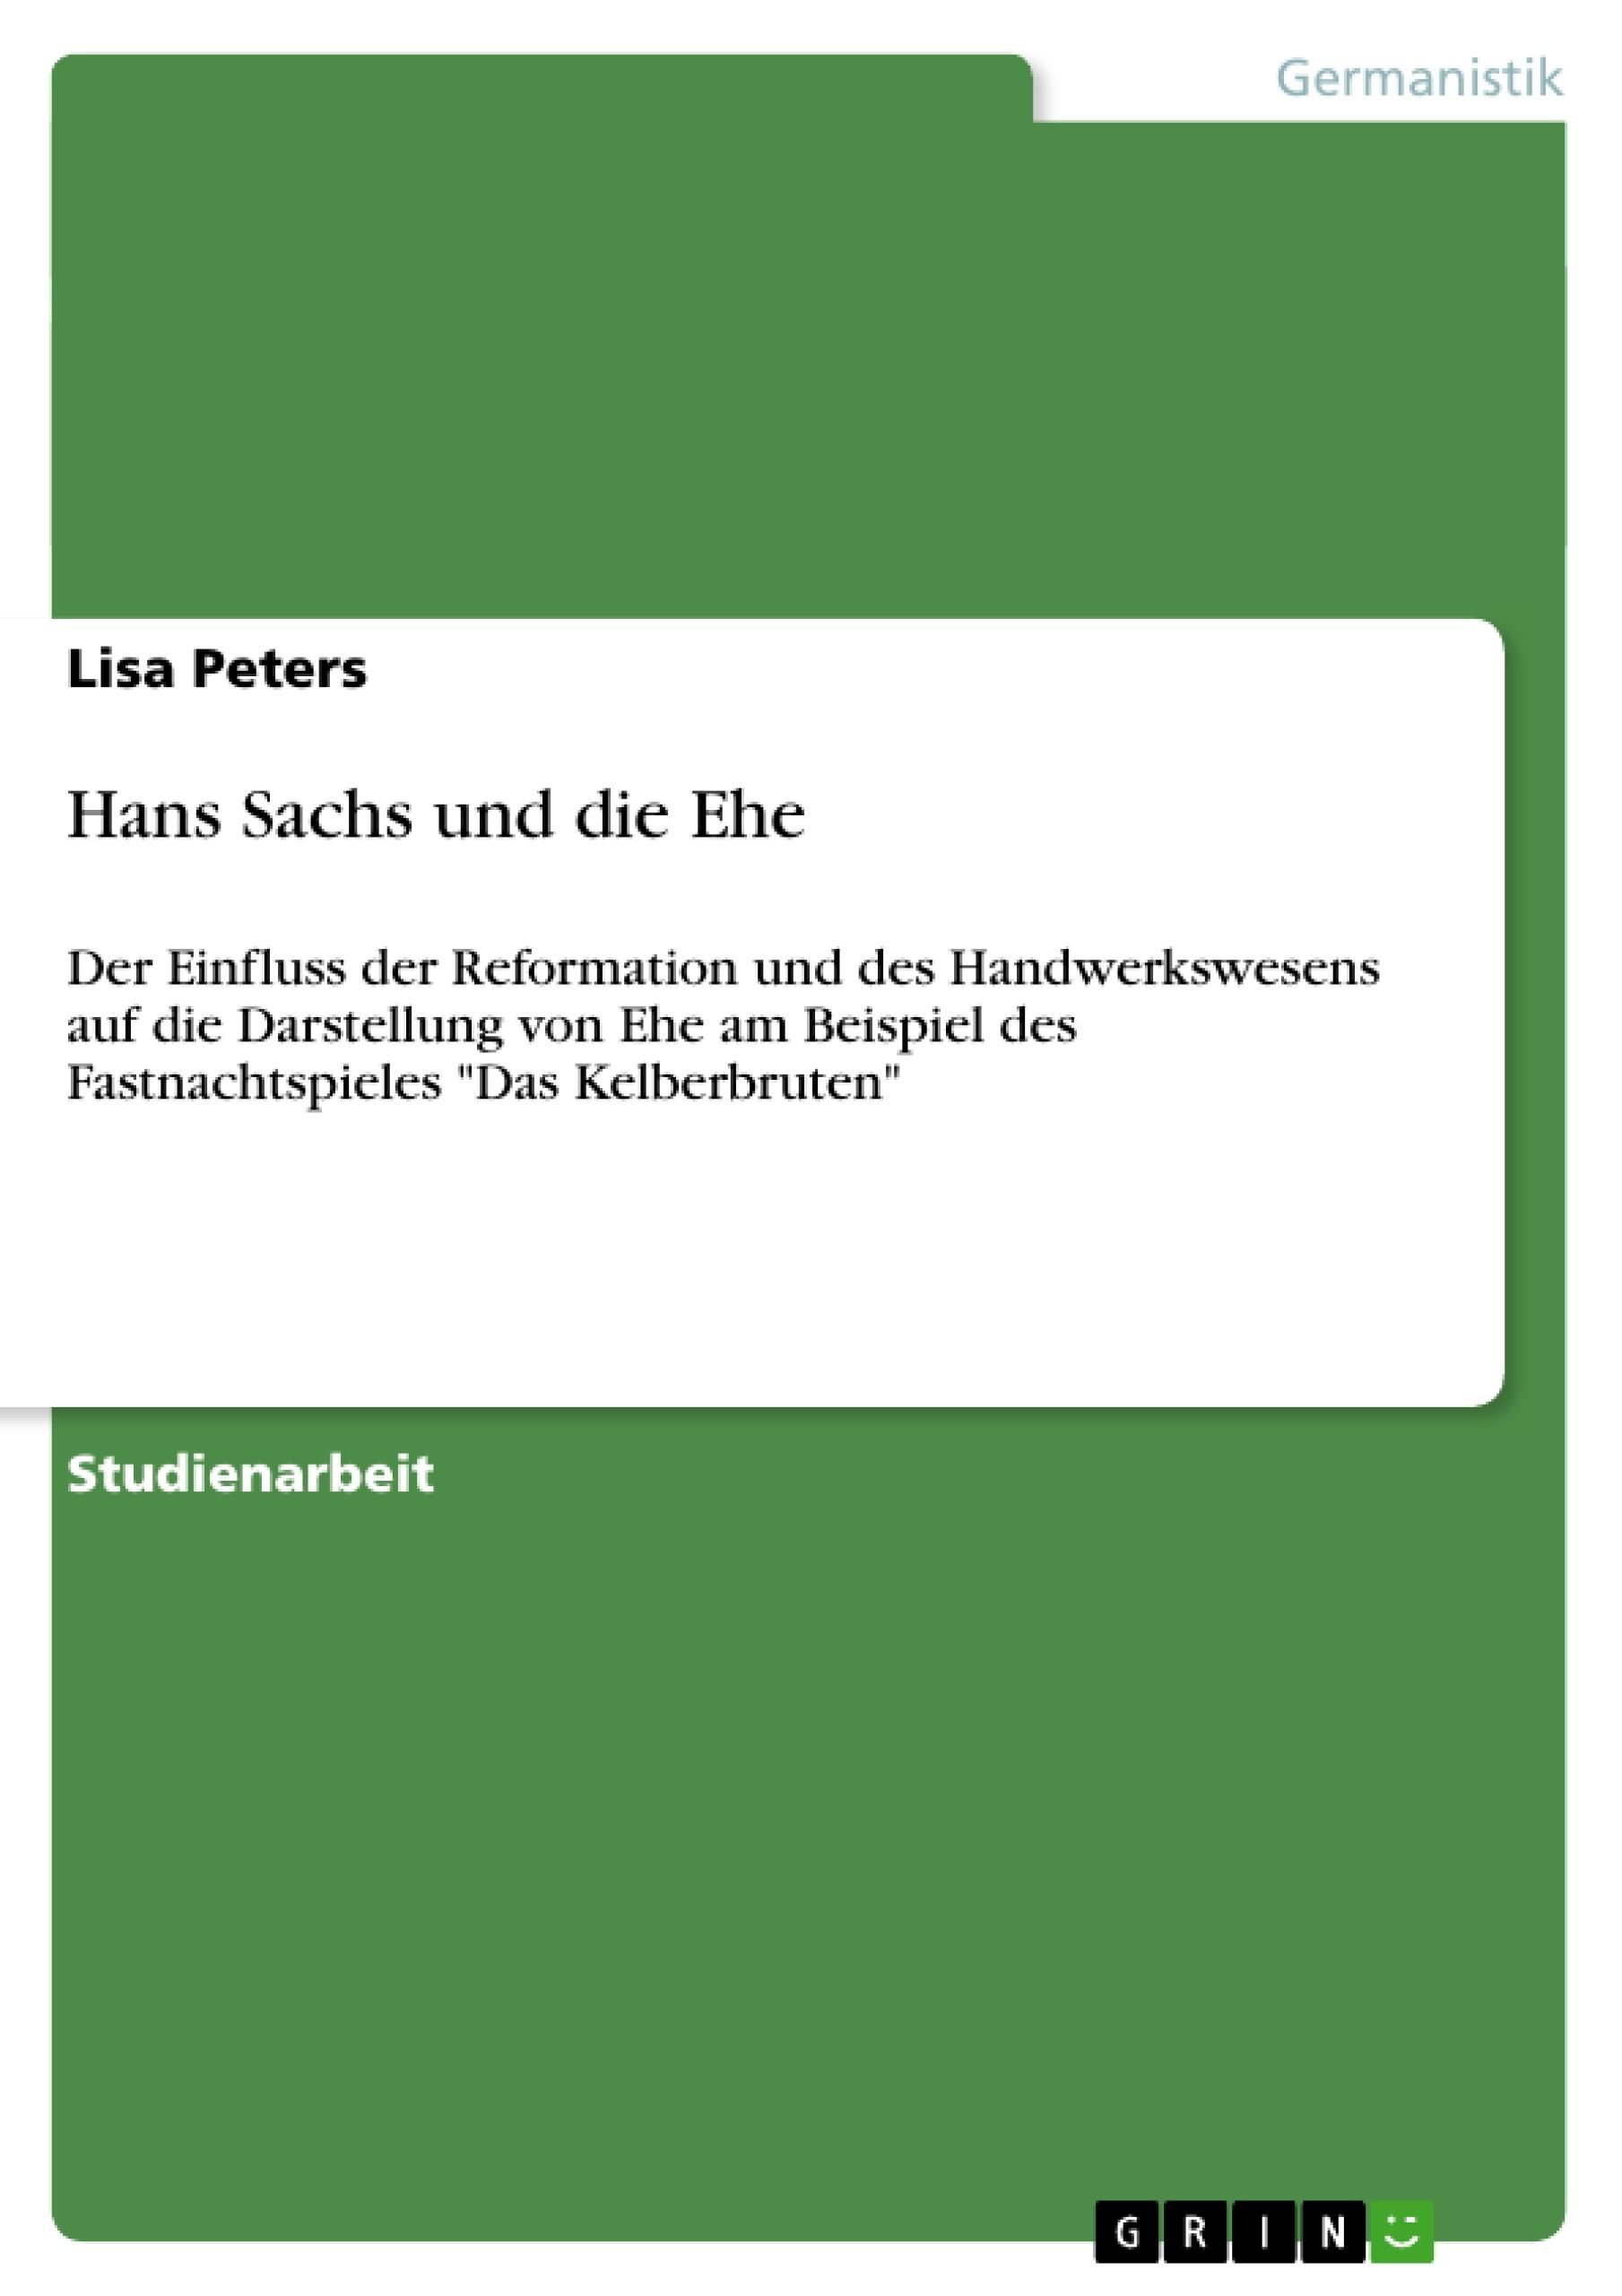 Titel: Hans Sachs und die Ehe